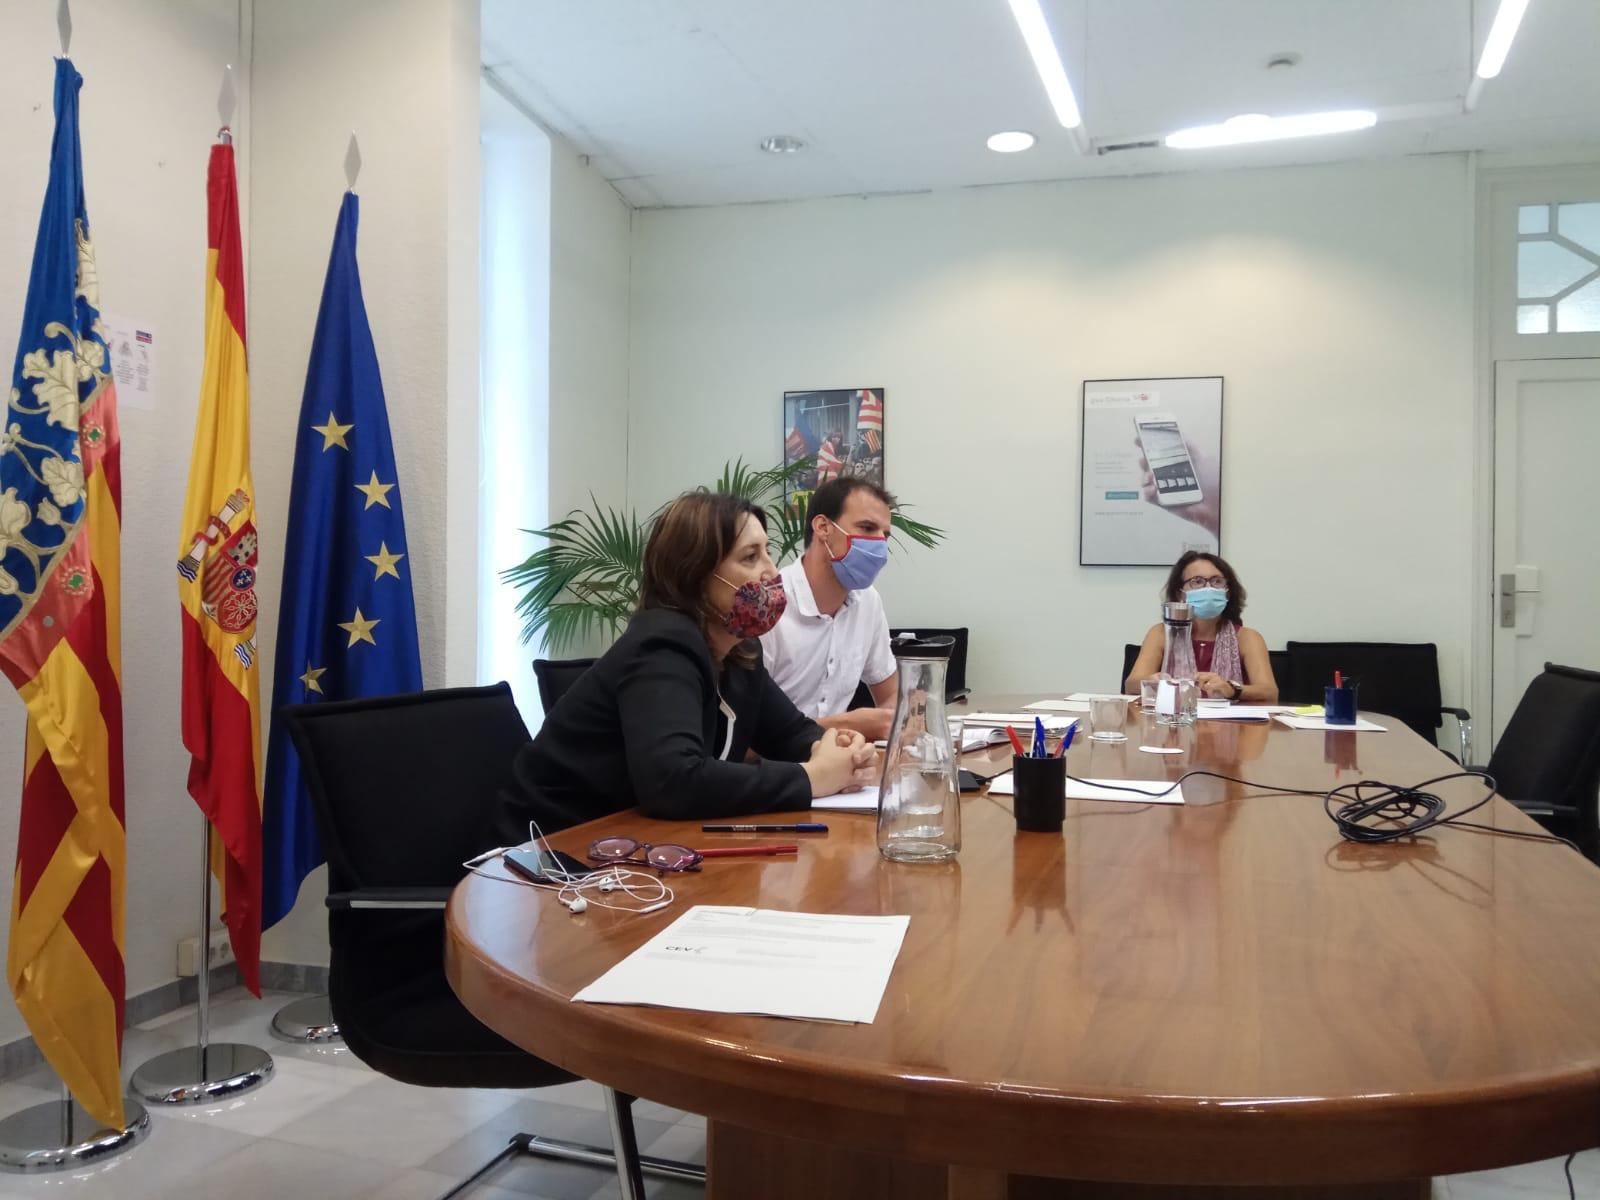 Es constitueix el Consell Valencià de Responsabilitat Social amb representació paritària de les diferents entitats i organitzacions vinculades